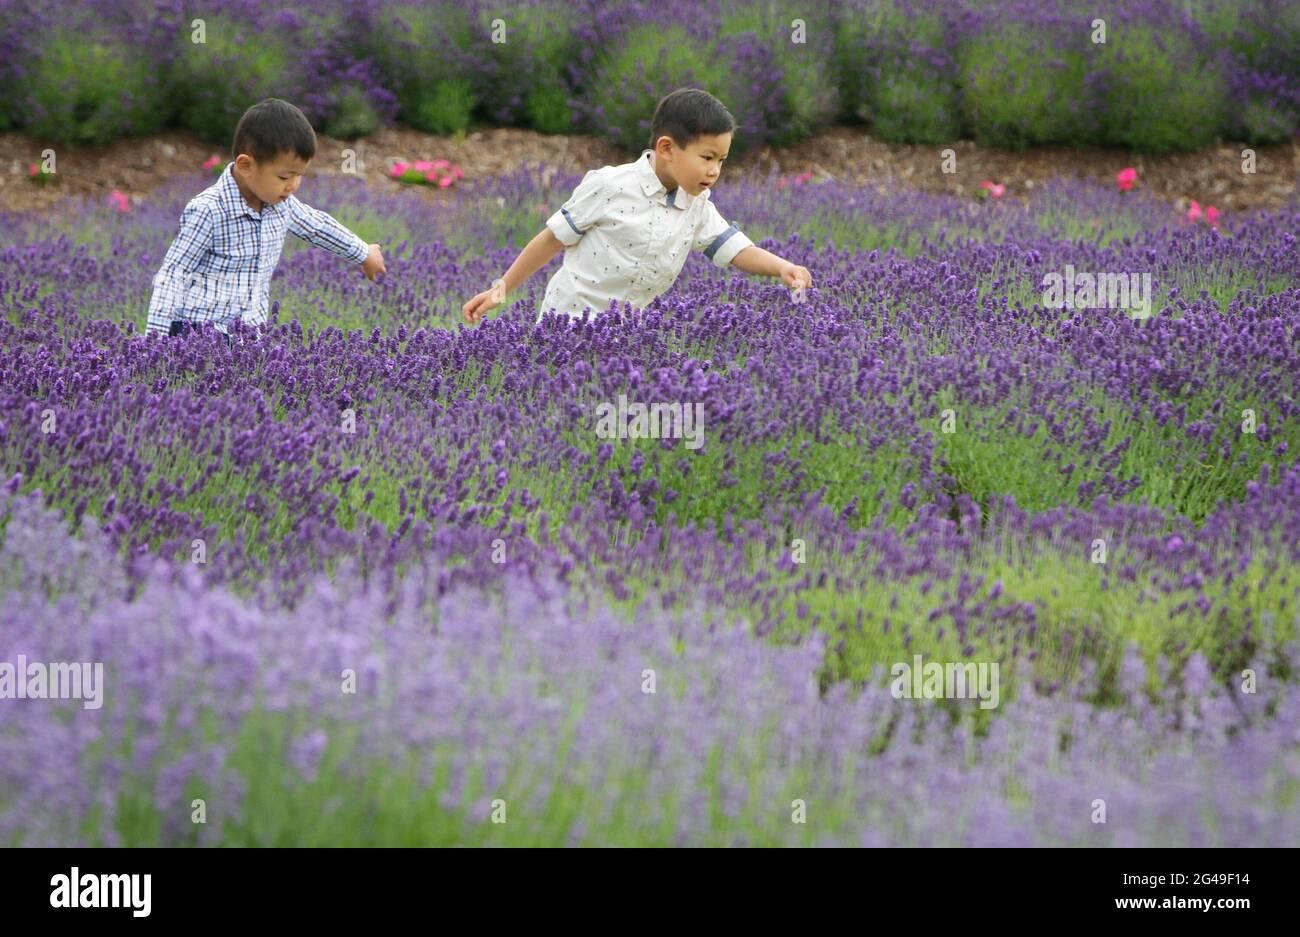 Richmond, Canada. 19 juin 2021. Les enfants jouent dans une ferme de lavande à Richmond, en Colombie-Britannique, au Canada, le 19 juin 2021. Credit: Liang Sen/Xinhua/Alay Live News Banque D'Images